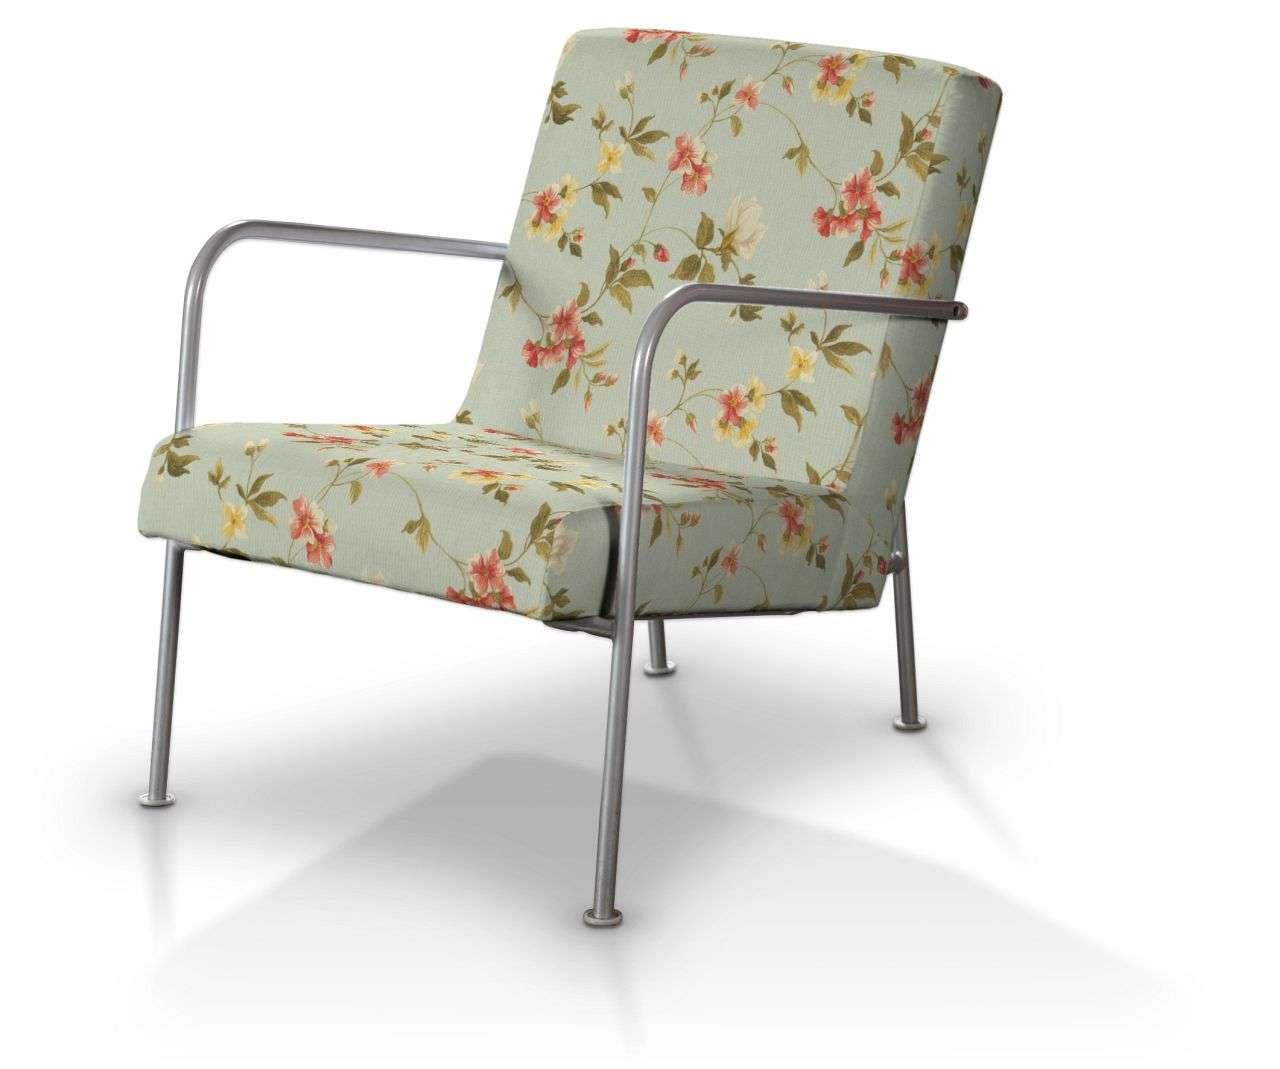 Bezug für Ikea PS Sessel von der Kollektion Londres, Stoff: 124-65